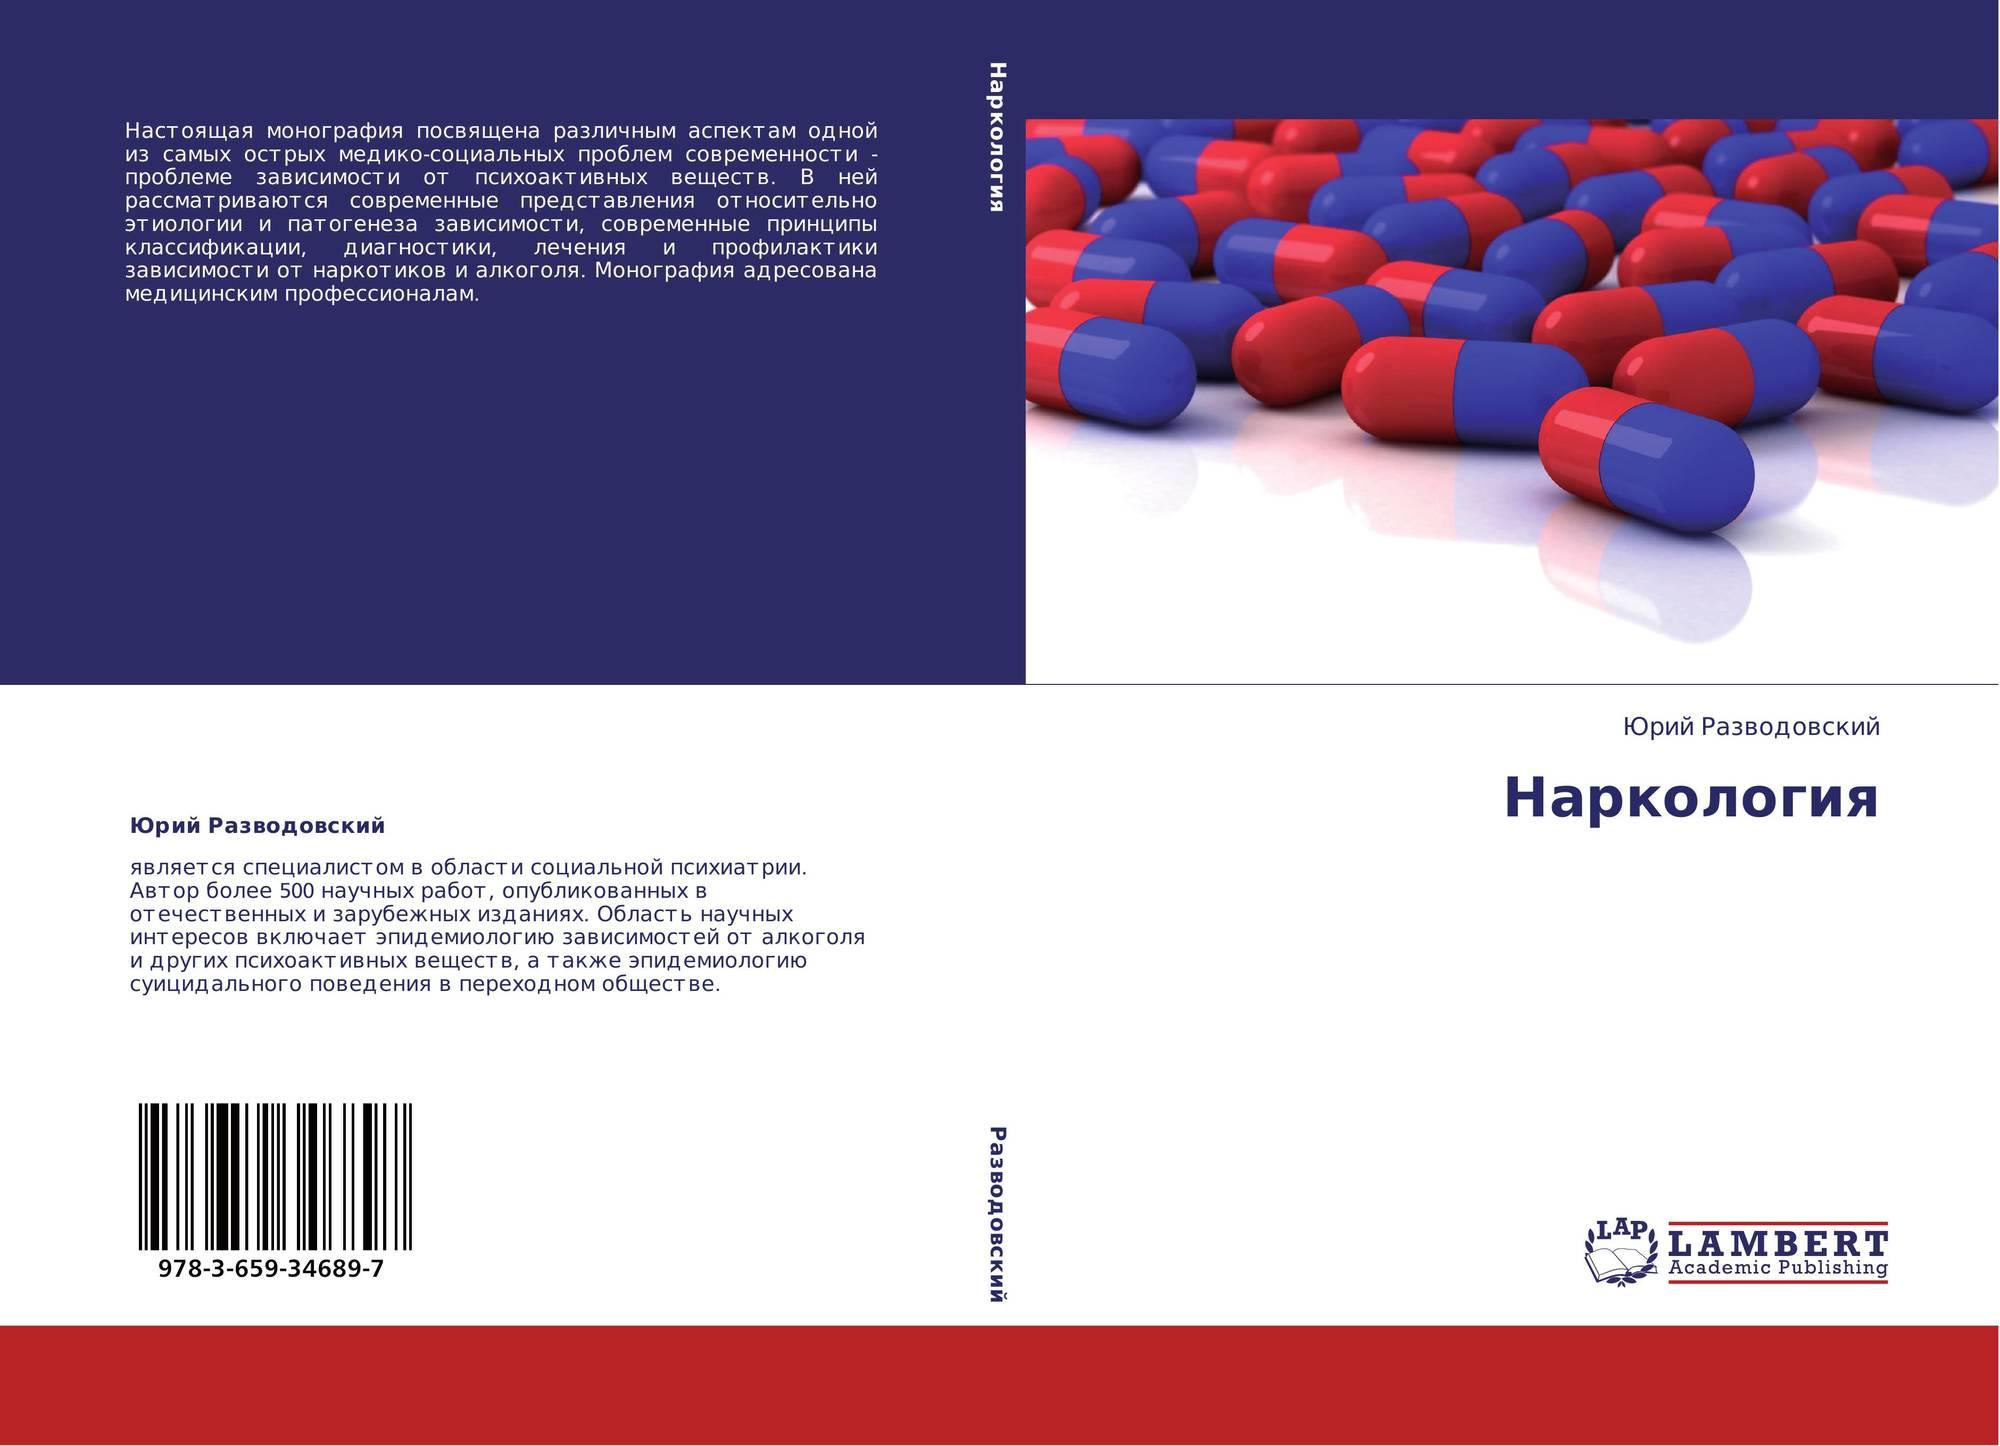 Наркология диагностика наркологический клиника тула